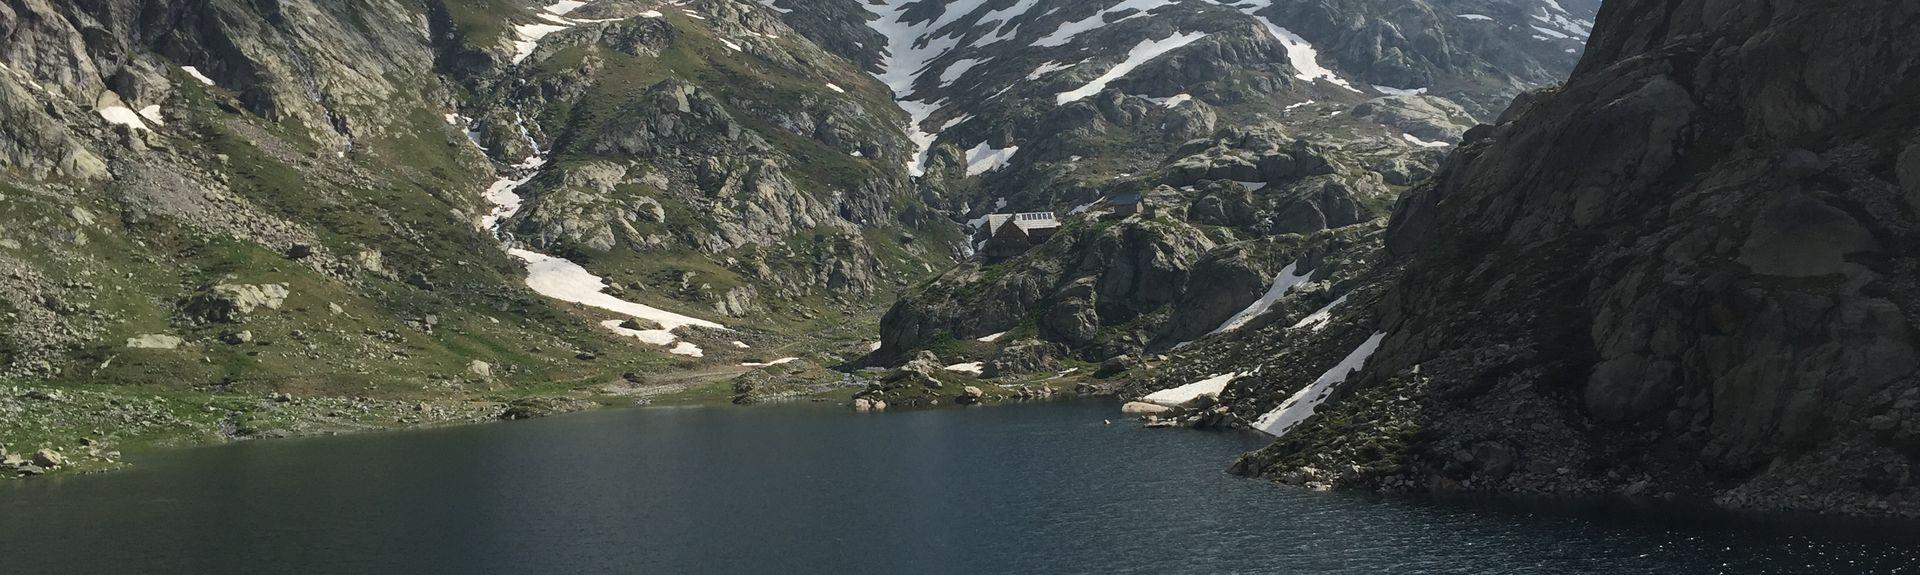 Menton, Alpes-Maritimes, France